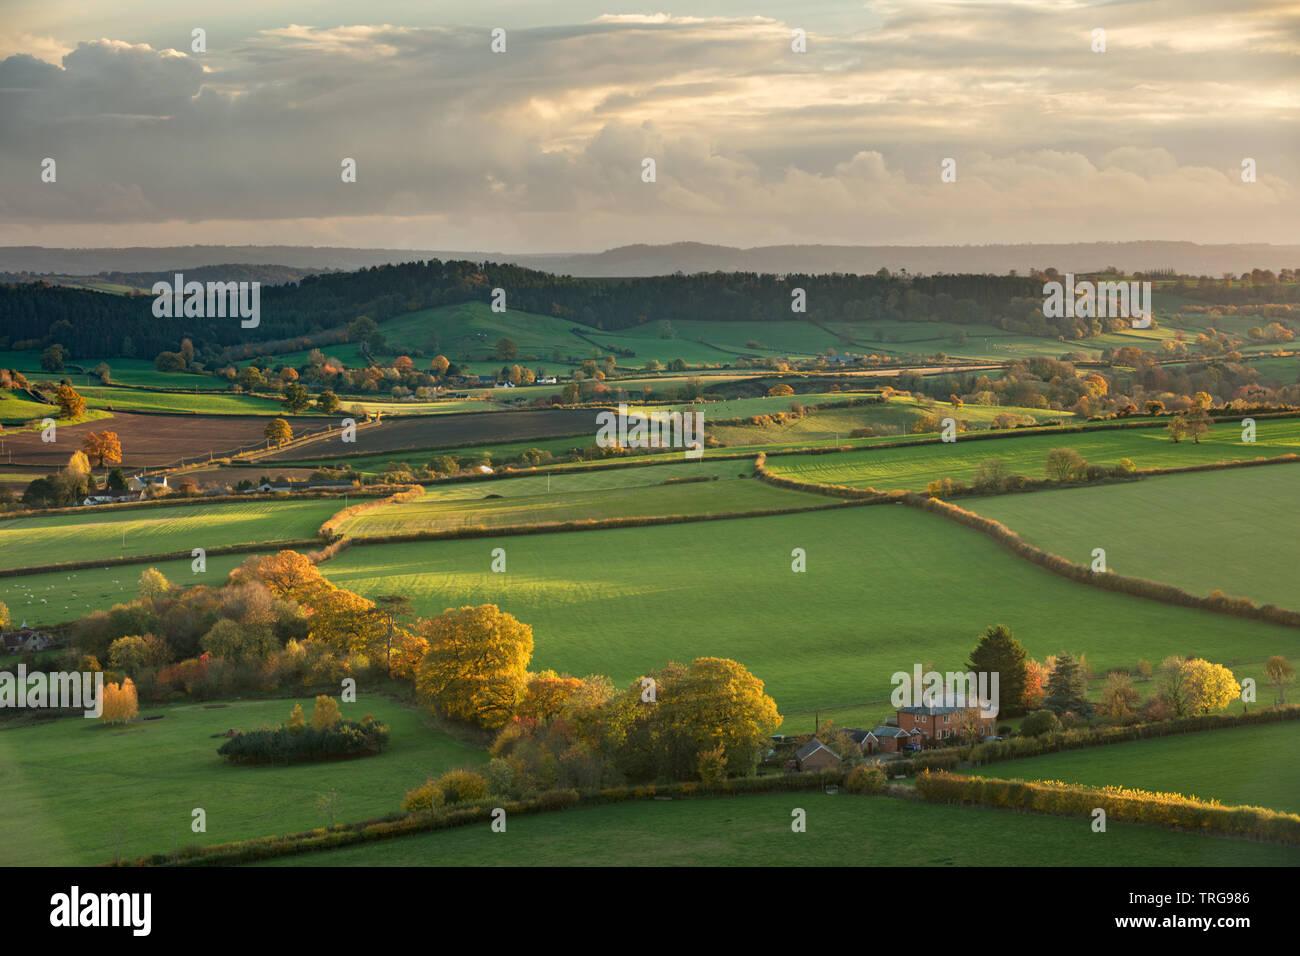 Herbstliche Farben, Corton Denham, Somerset, England, Großbritannien Stockfoto